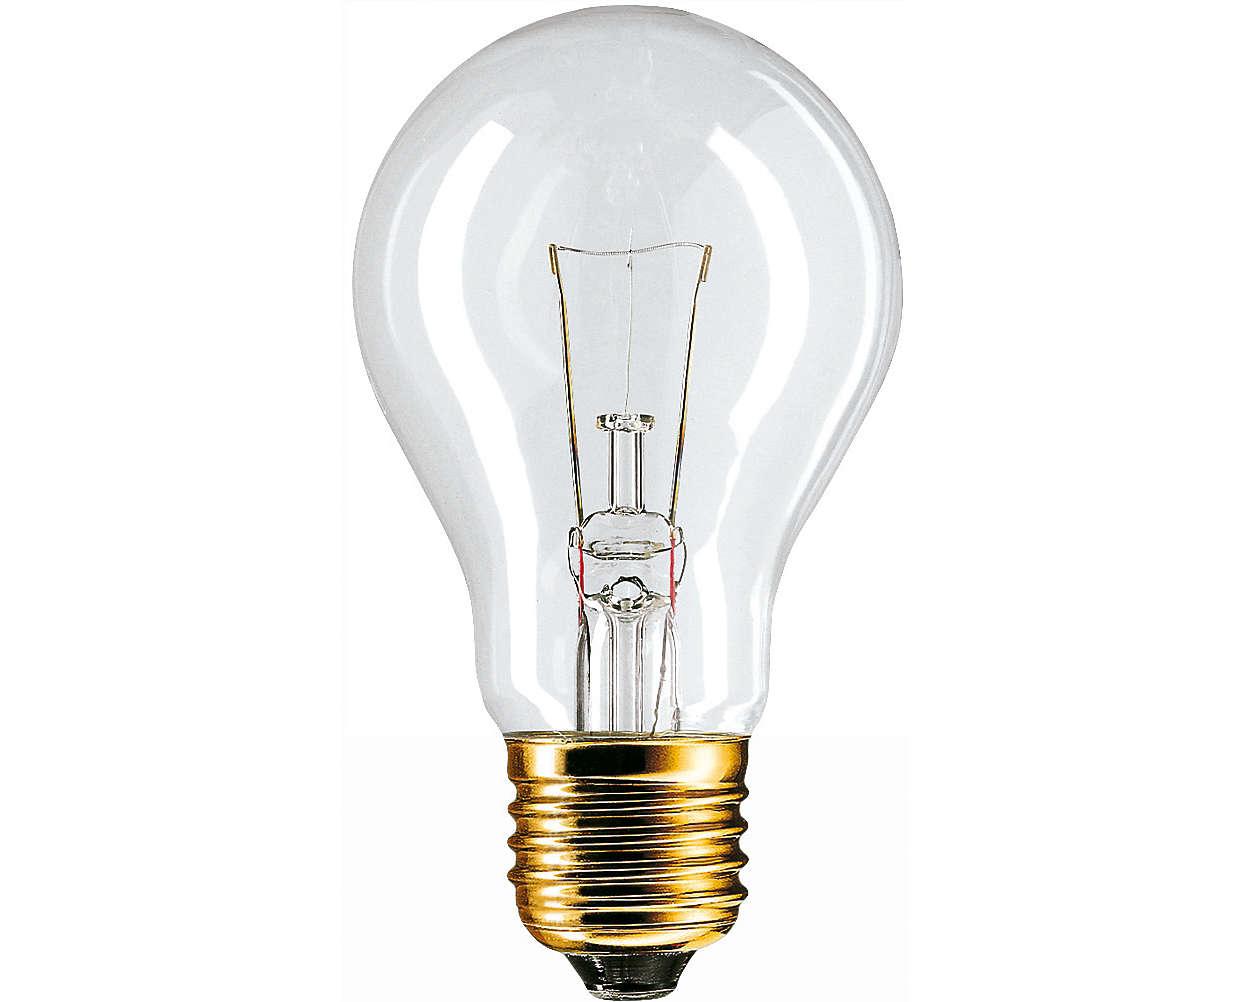 Glühlampe im klassischen Design